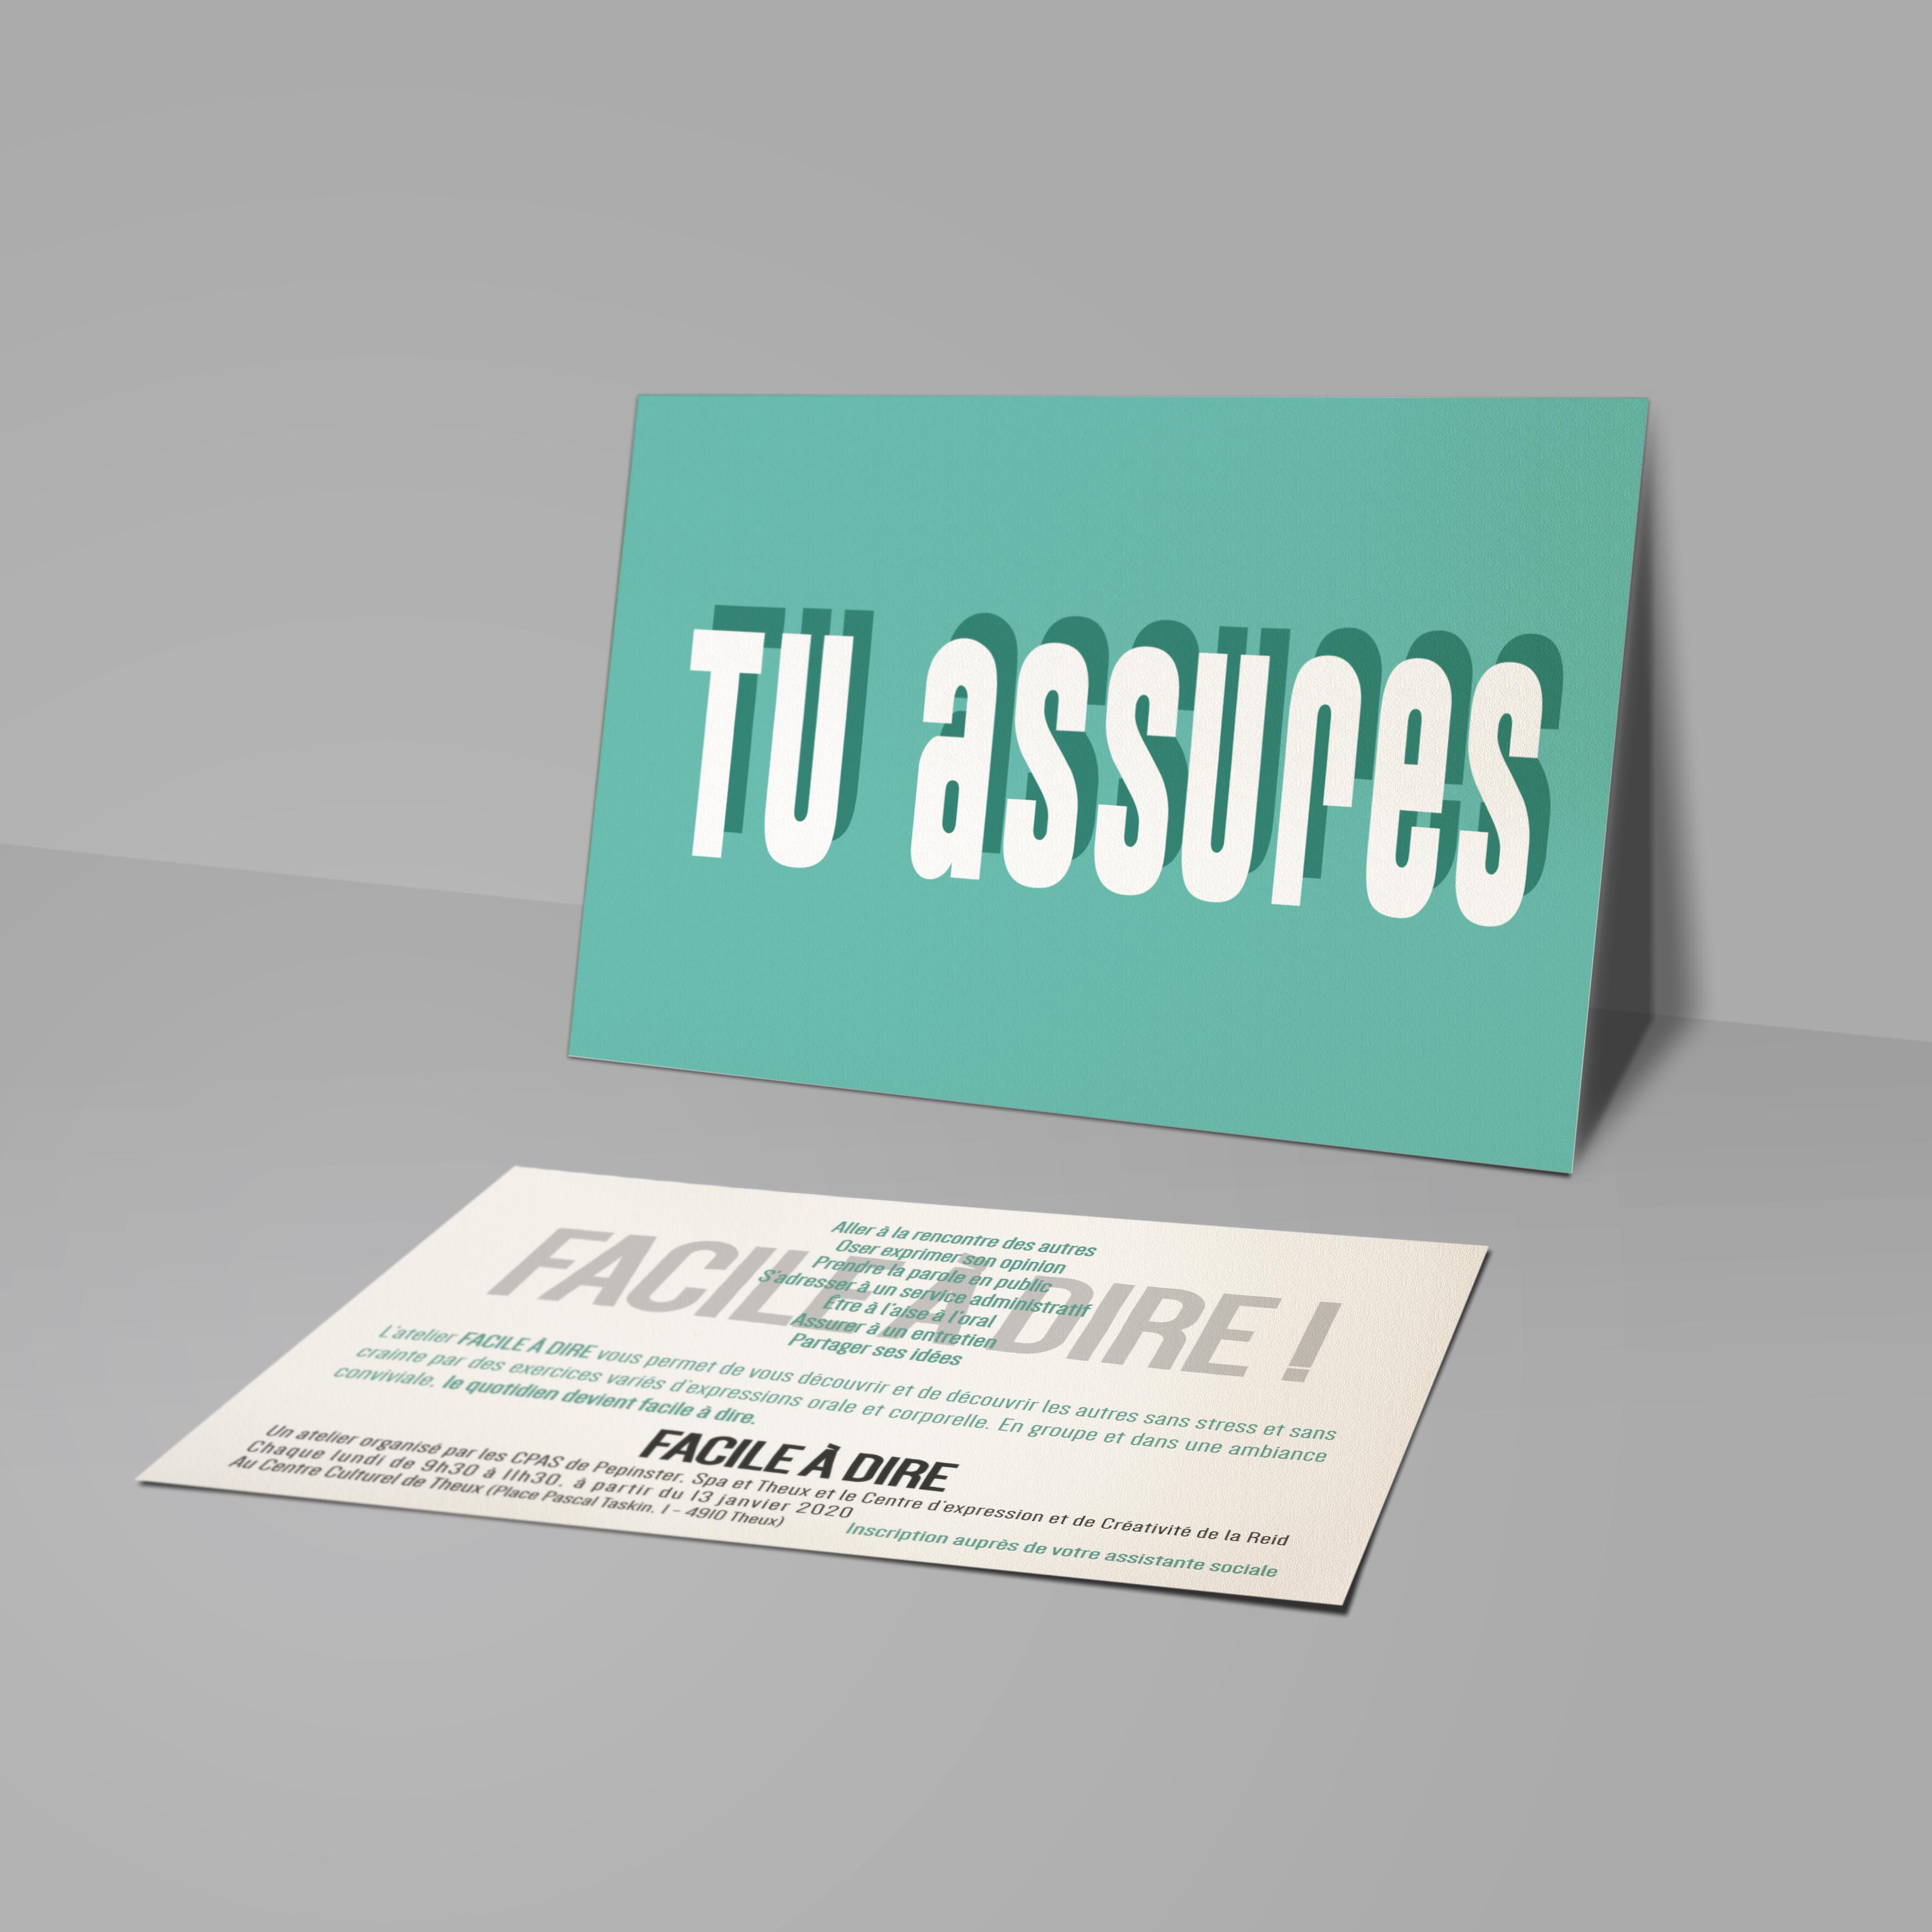 MO-U-Tuassures